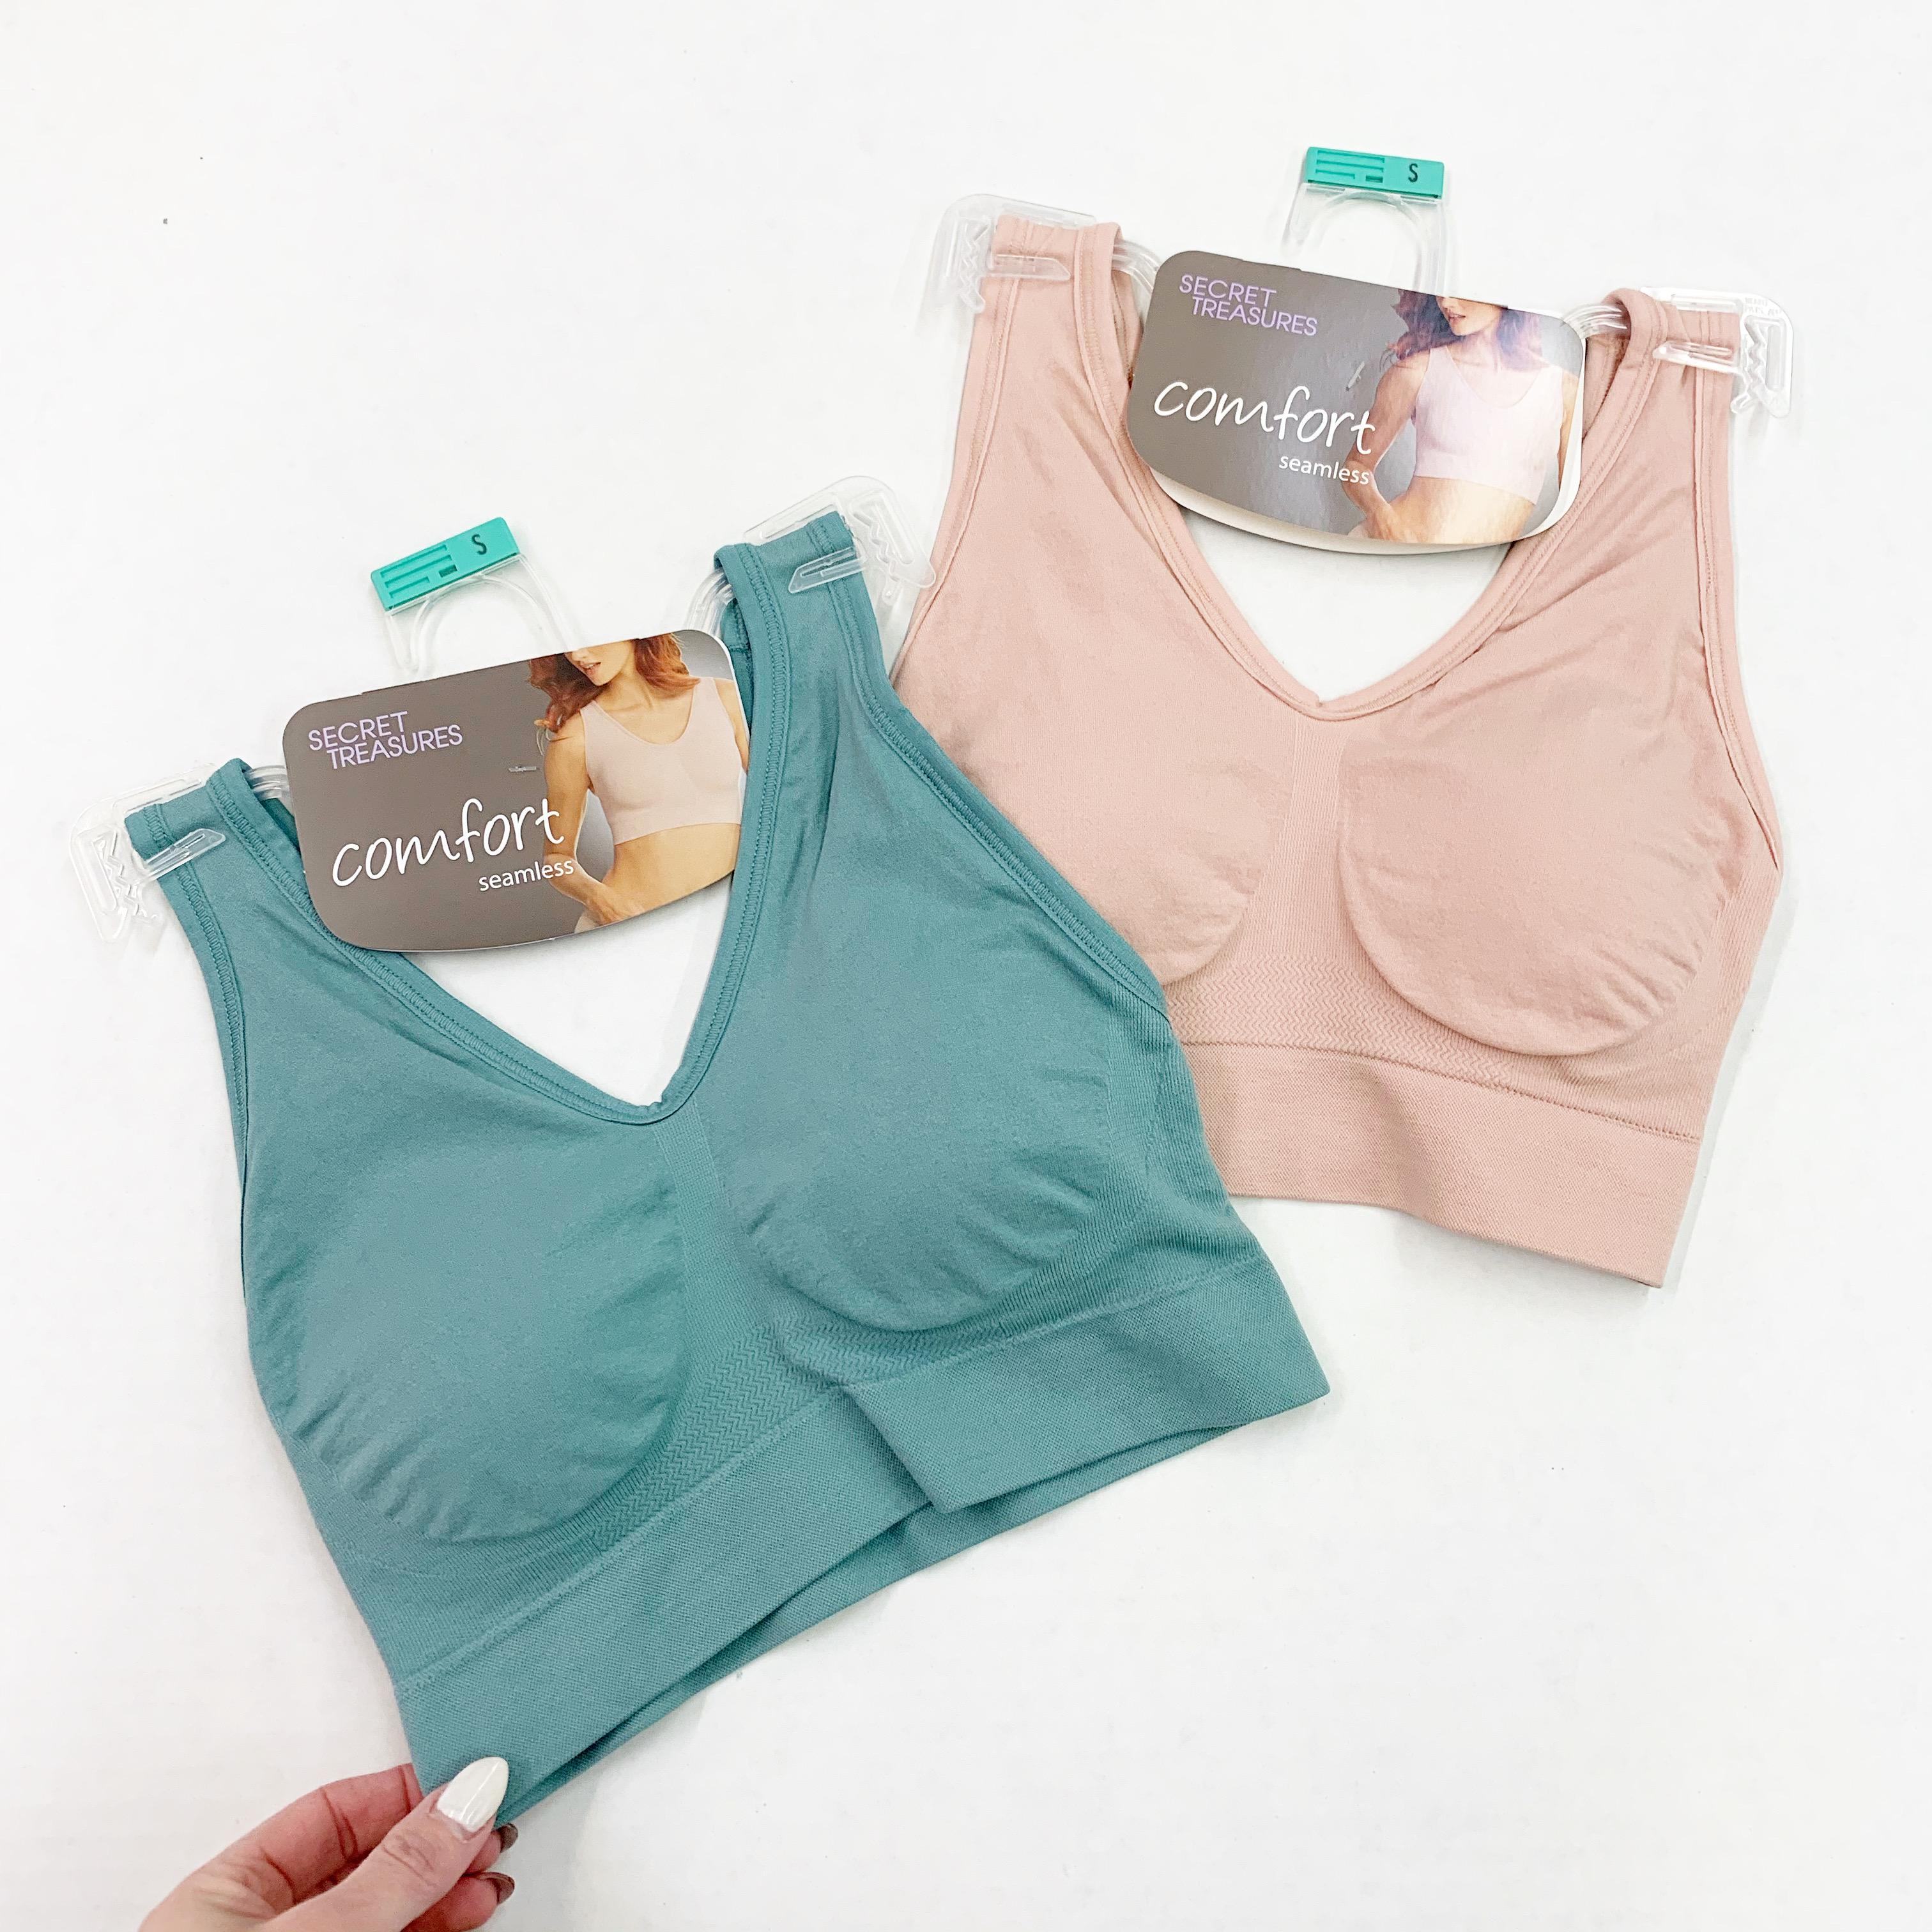 secret treasures seamless comfy bra